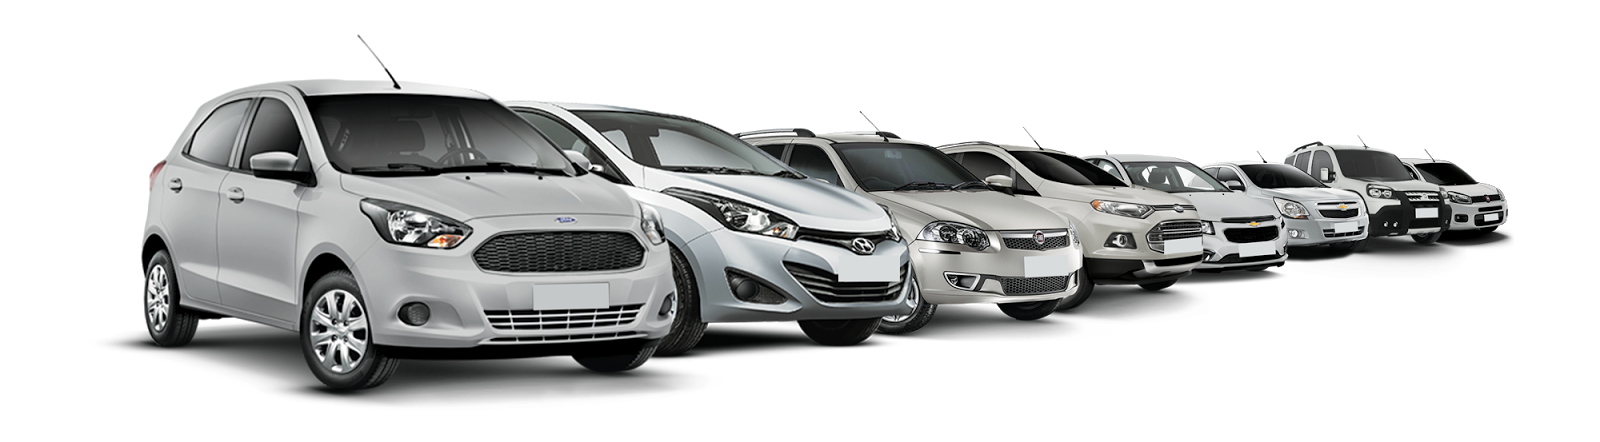 deals on Fleet cars and vans